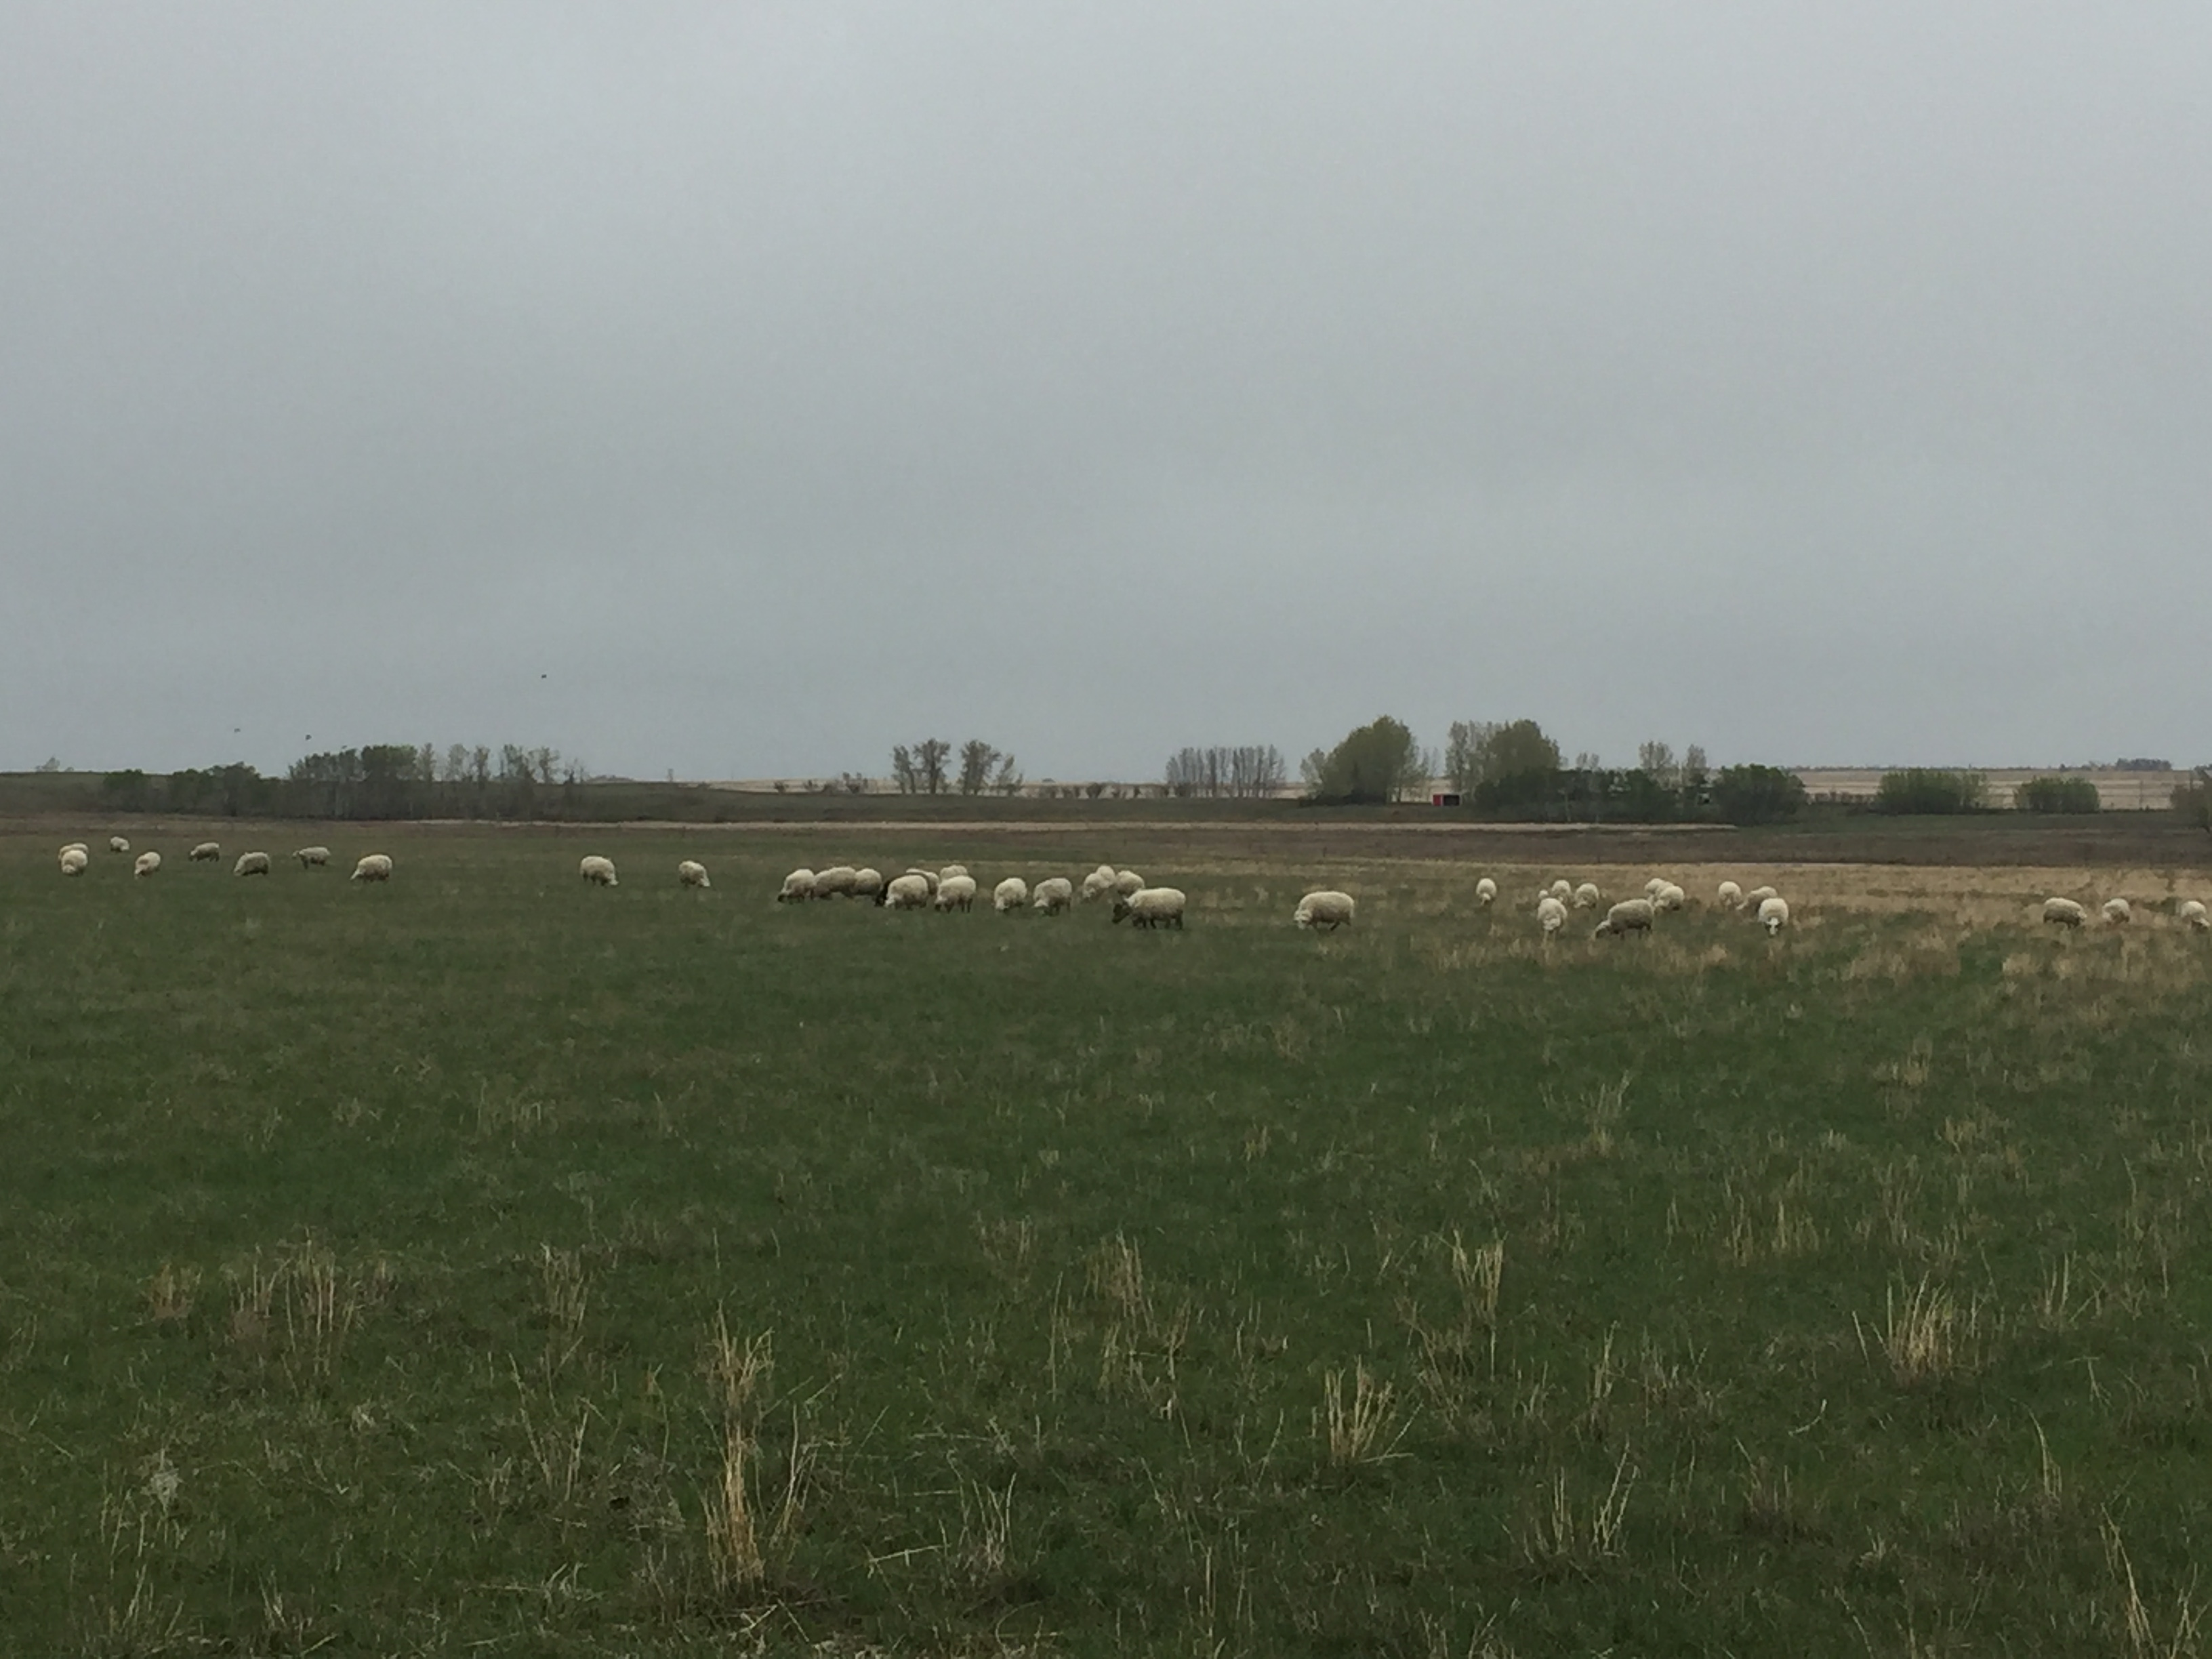 Ewes on pasture, 2018.